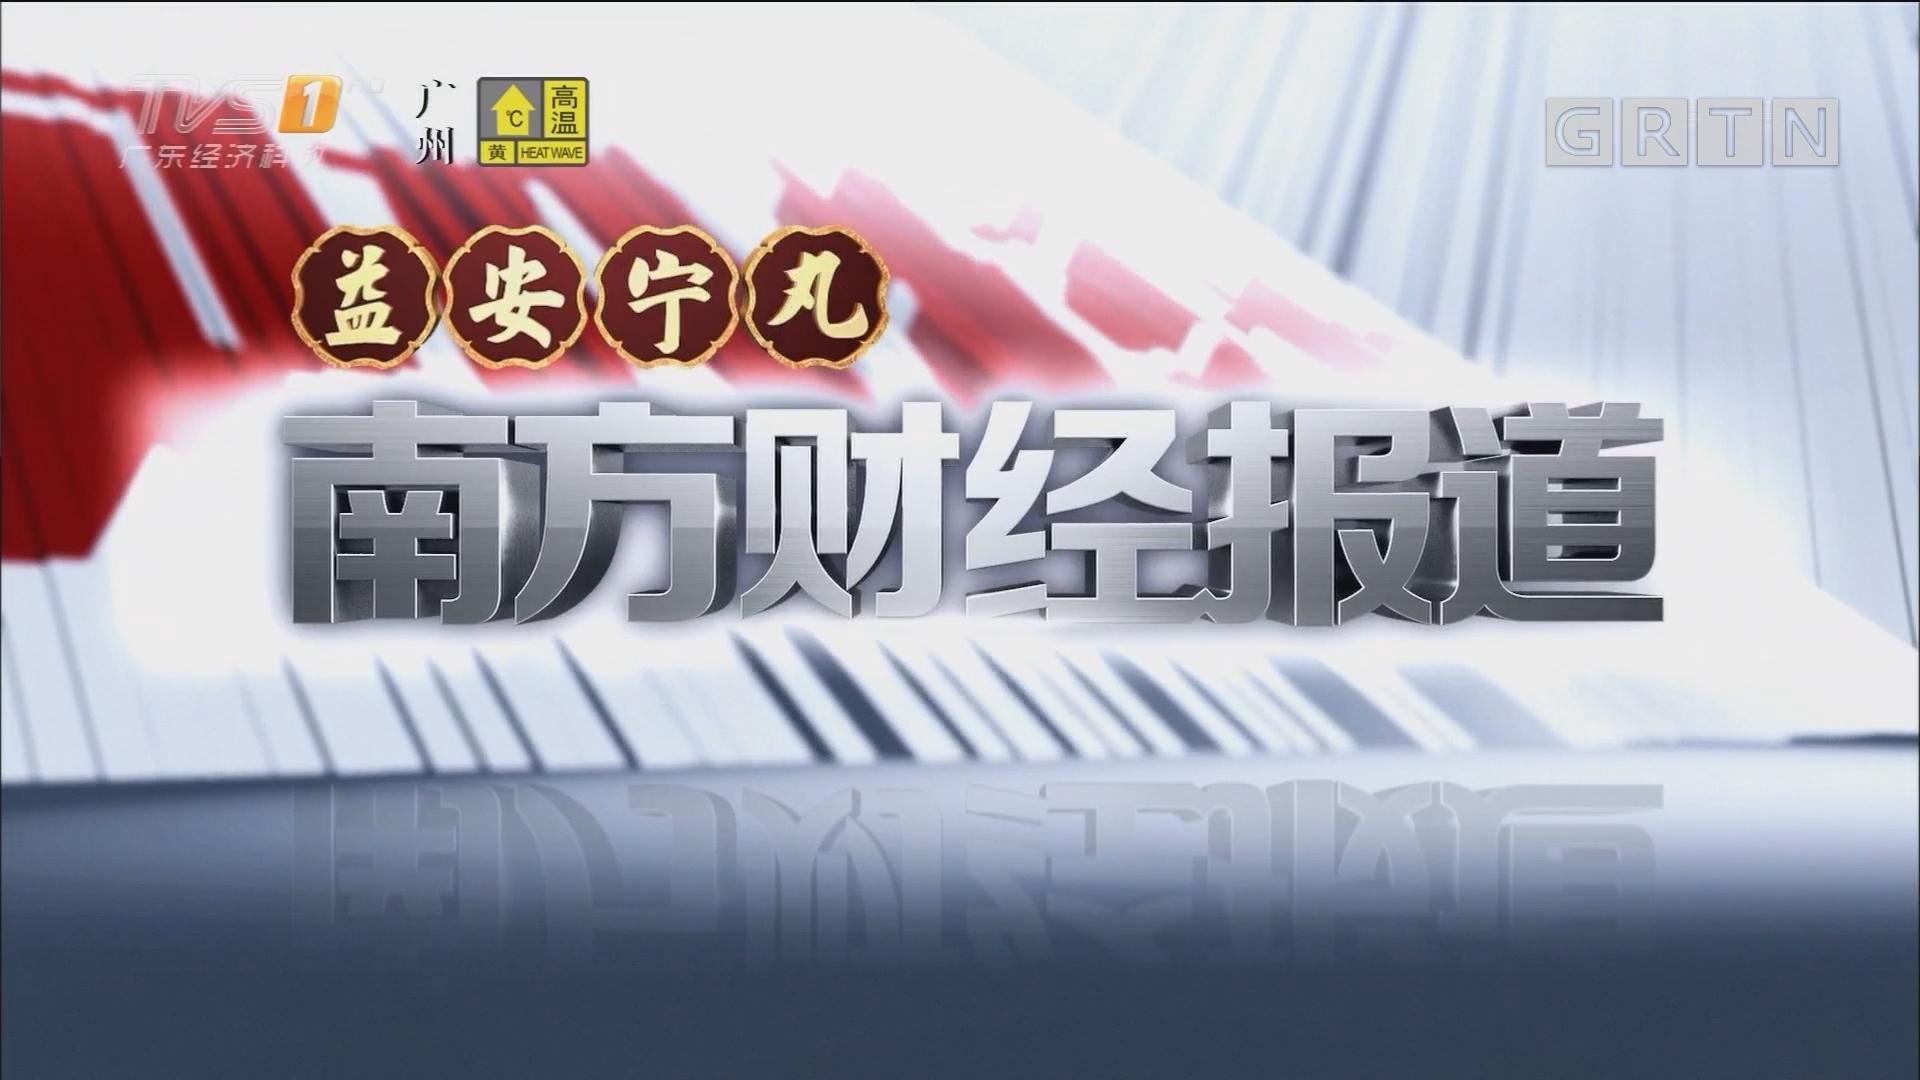 [HD][2018-07-22]南方财经报道:上海破获炒黄金诈骗案:群里50多人 除1名被害人外全是骗子